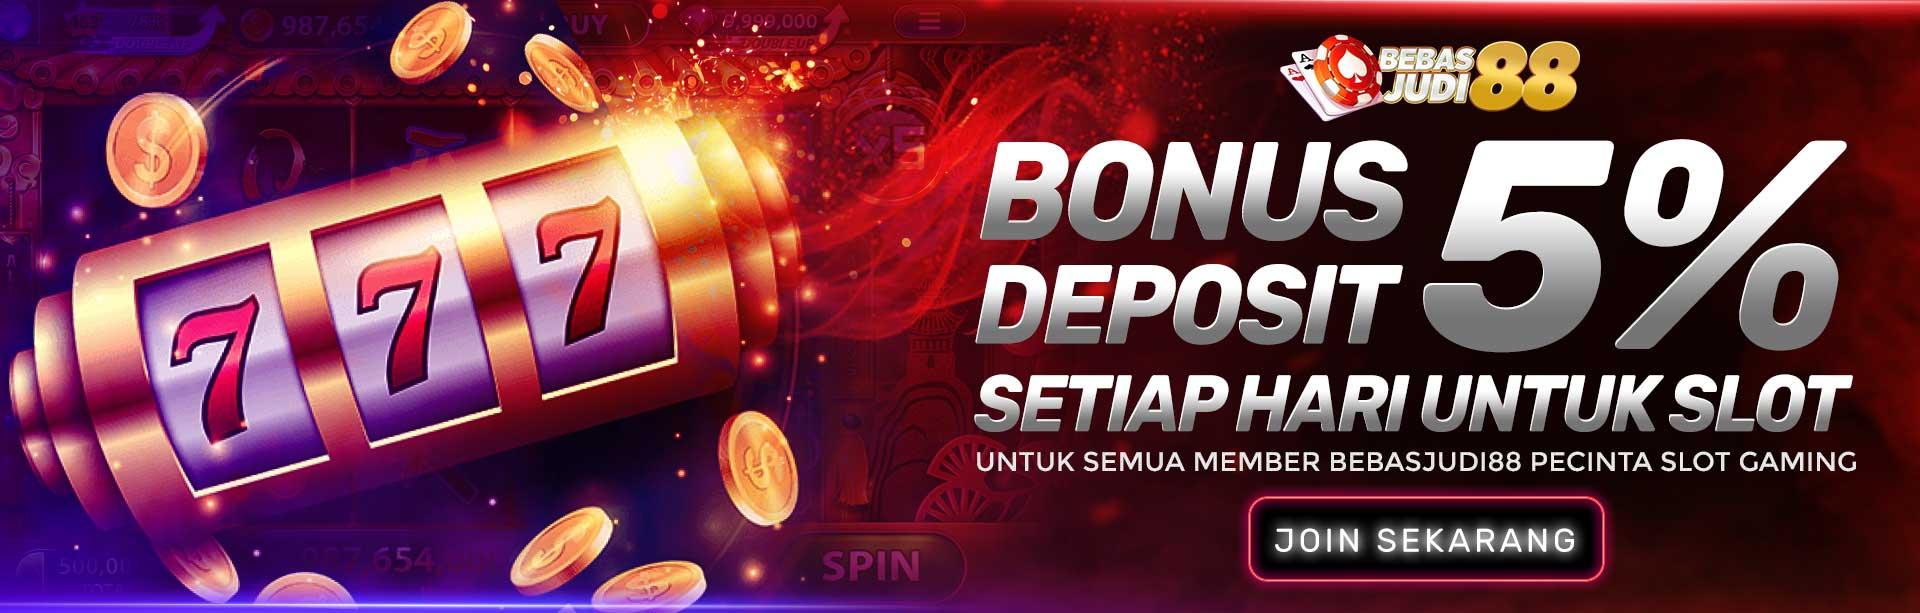 Bonus Deposit Harian 5% Slot